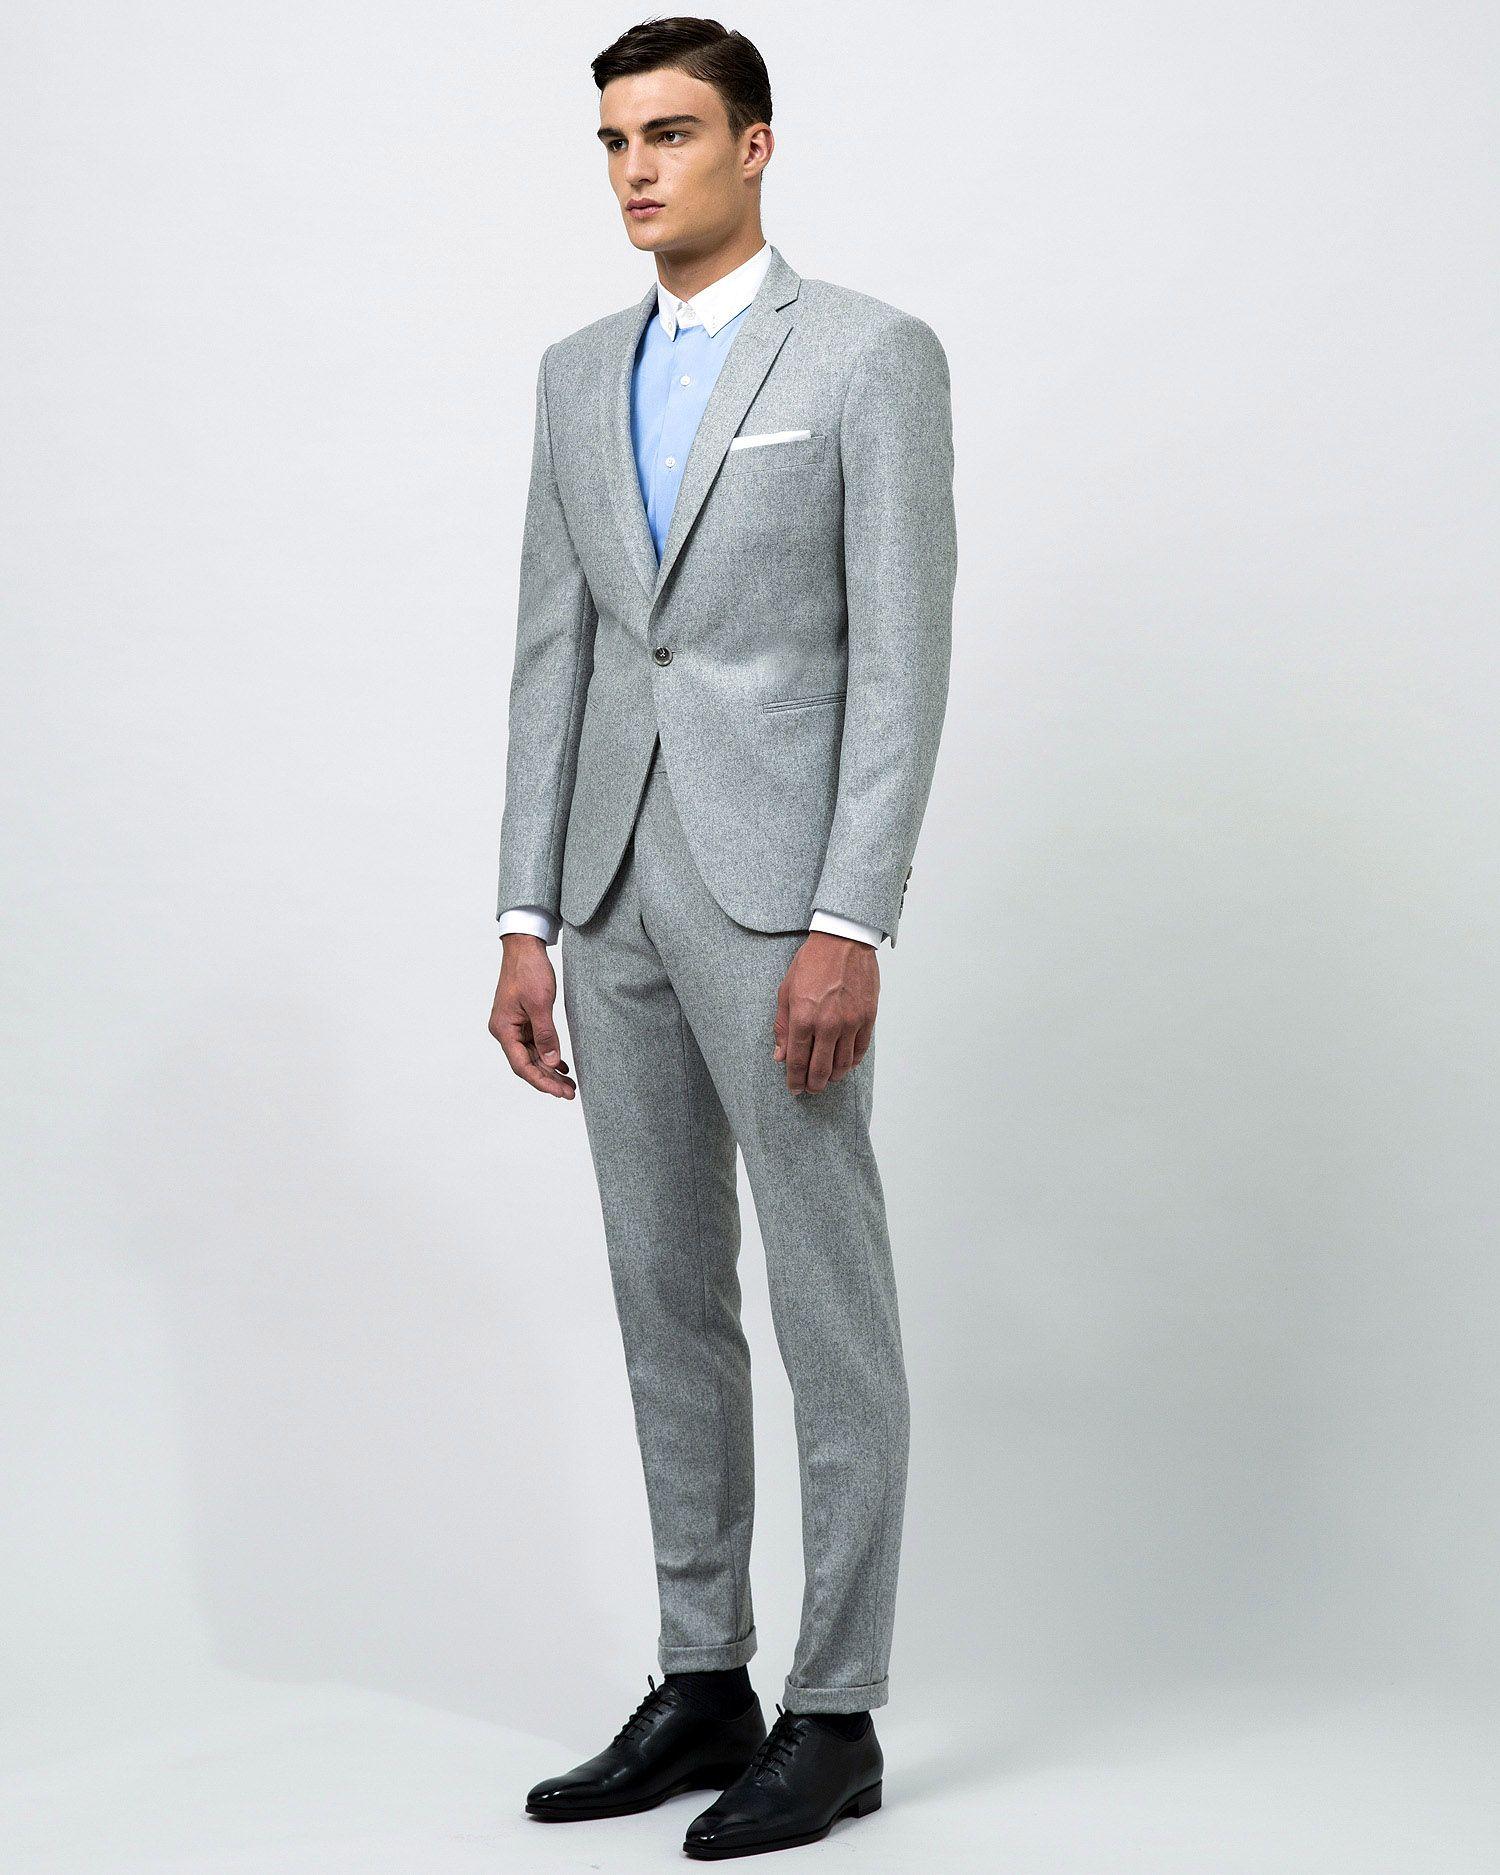 Costume sur mesure flanelle gris clair 1 bouton revers troits 2 poches droites sans rabats - Costume homme gris clair ...